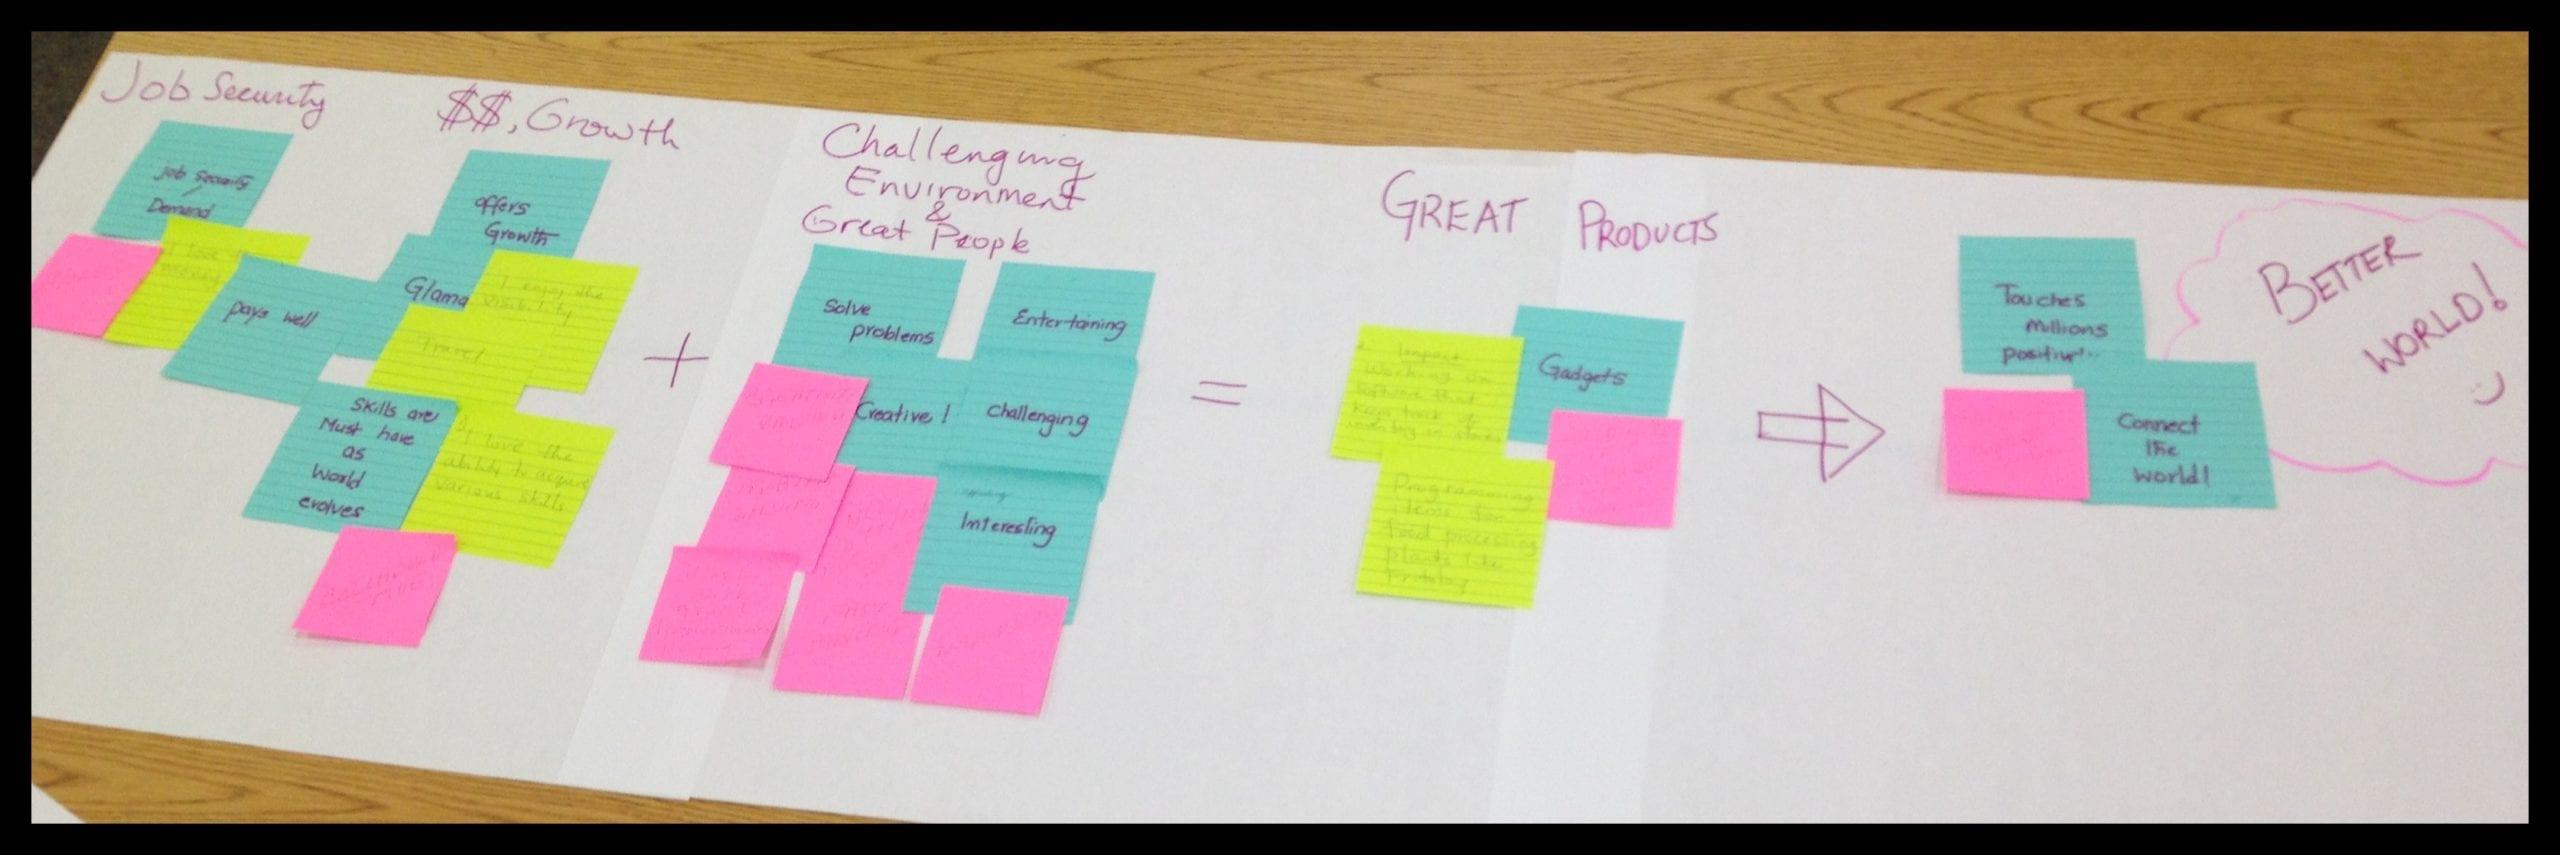 conceptmap4 – Meagan Pollock, PhD